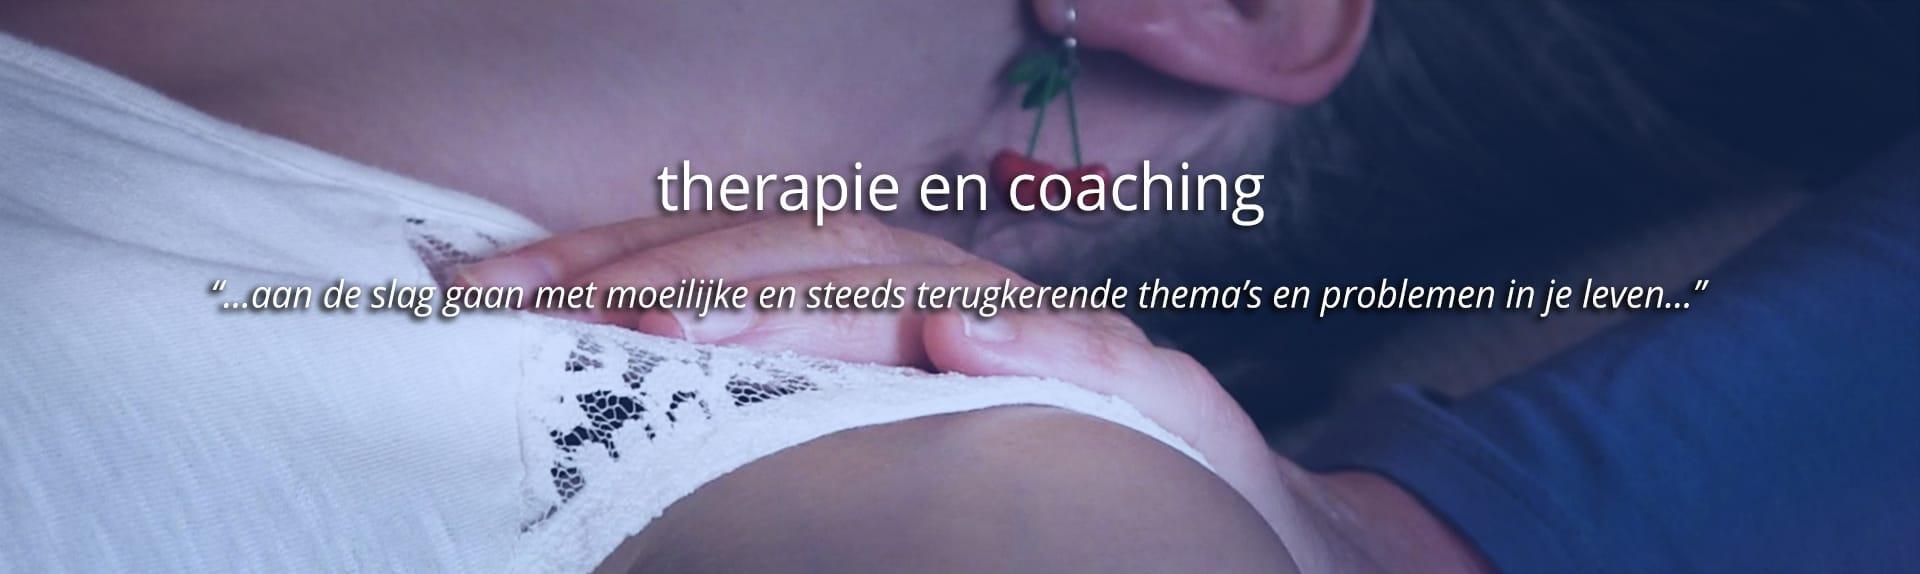 therapie en coaching